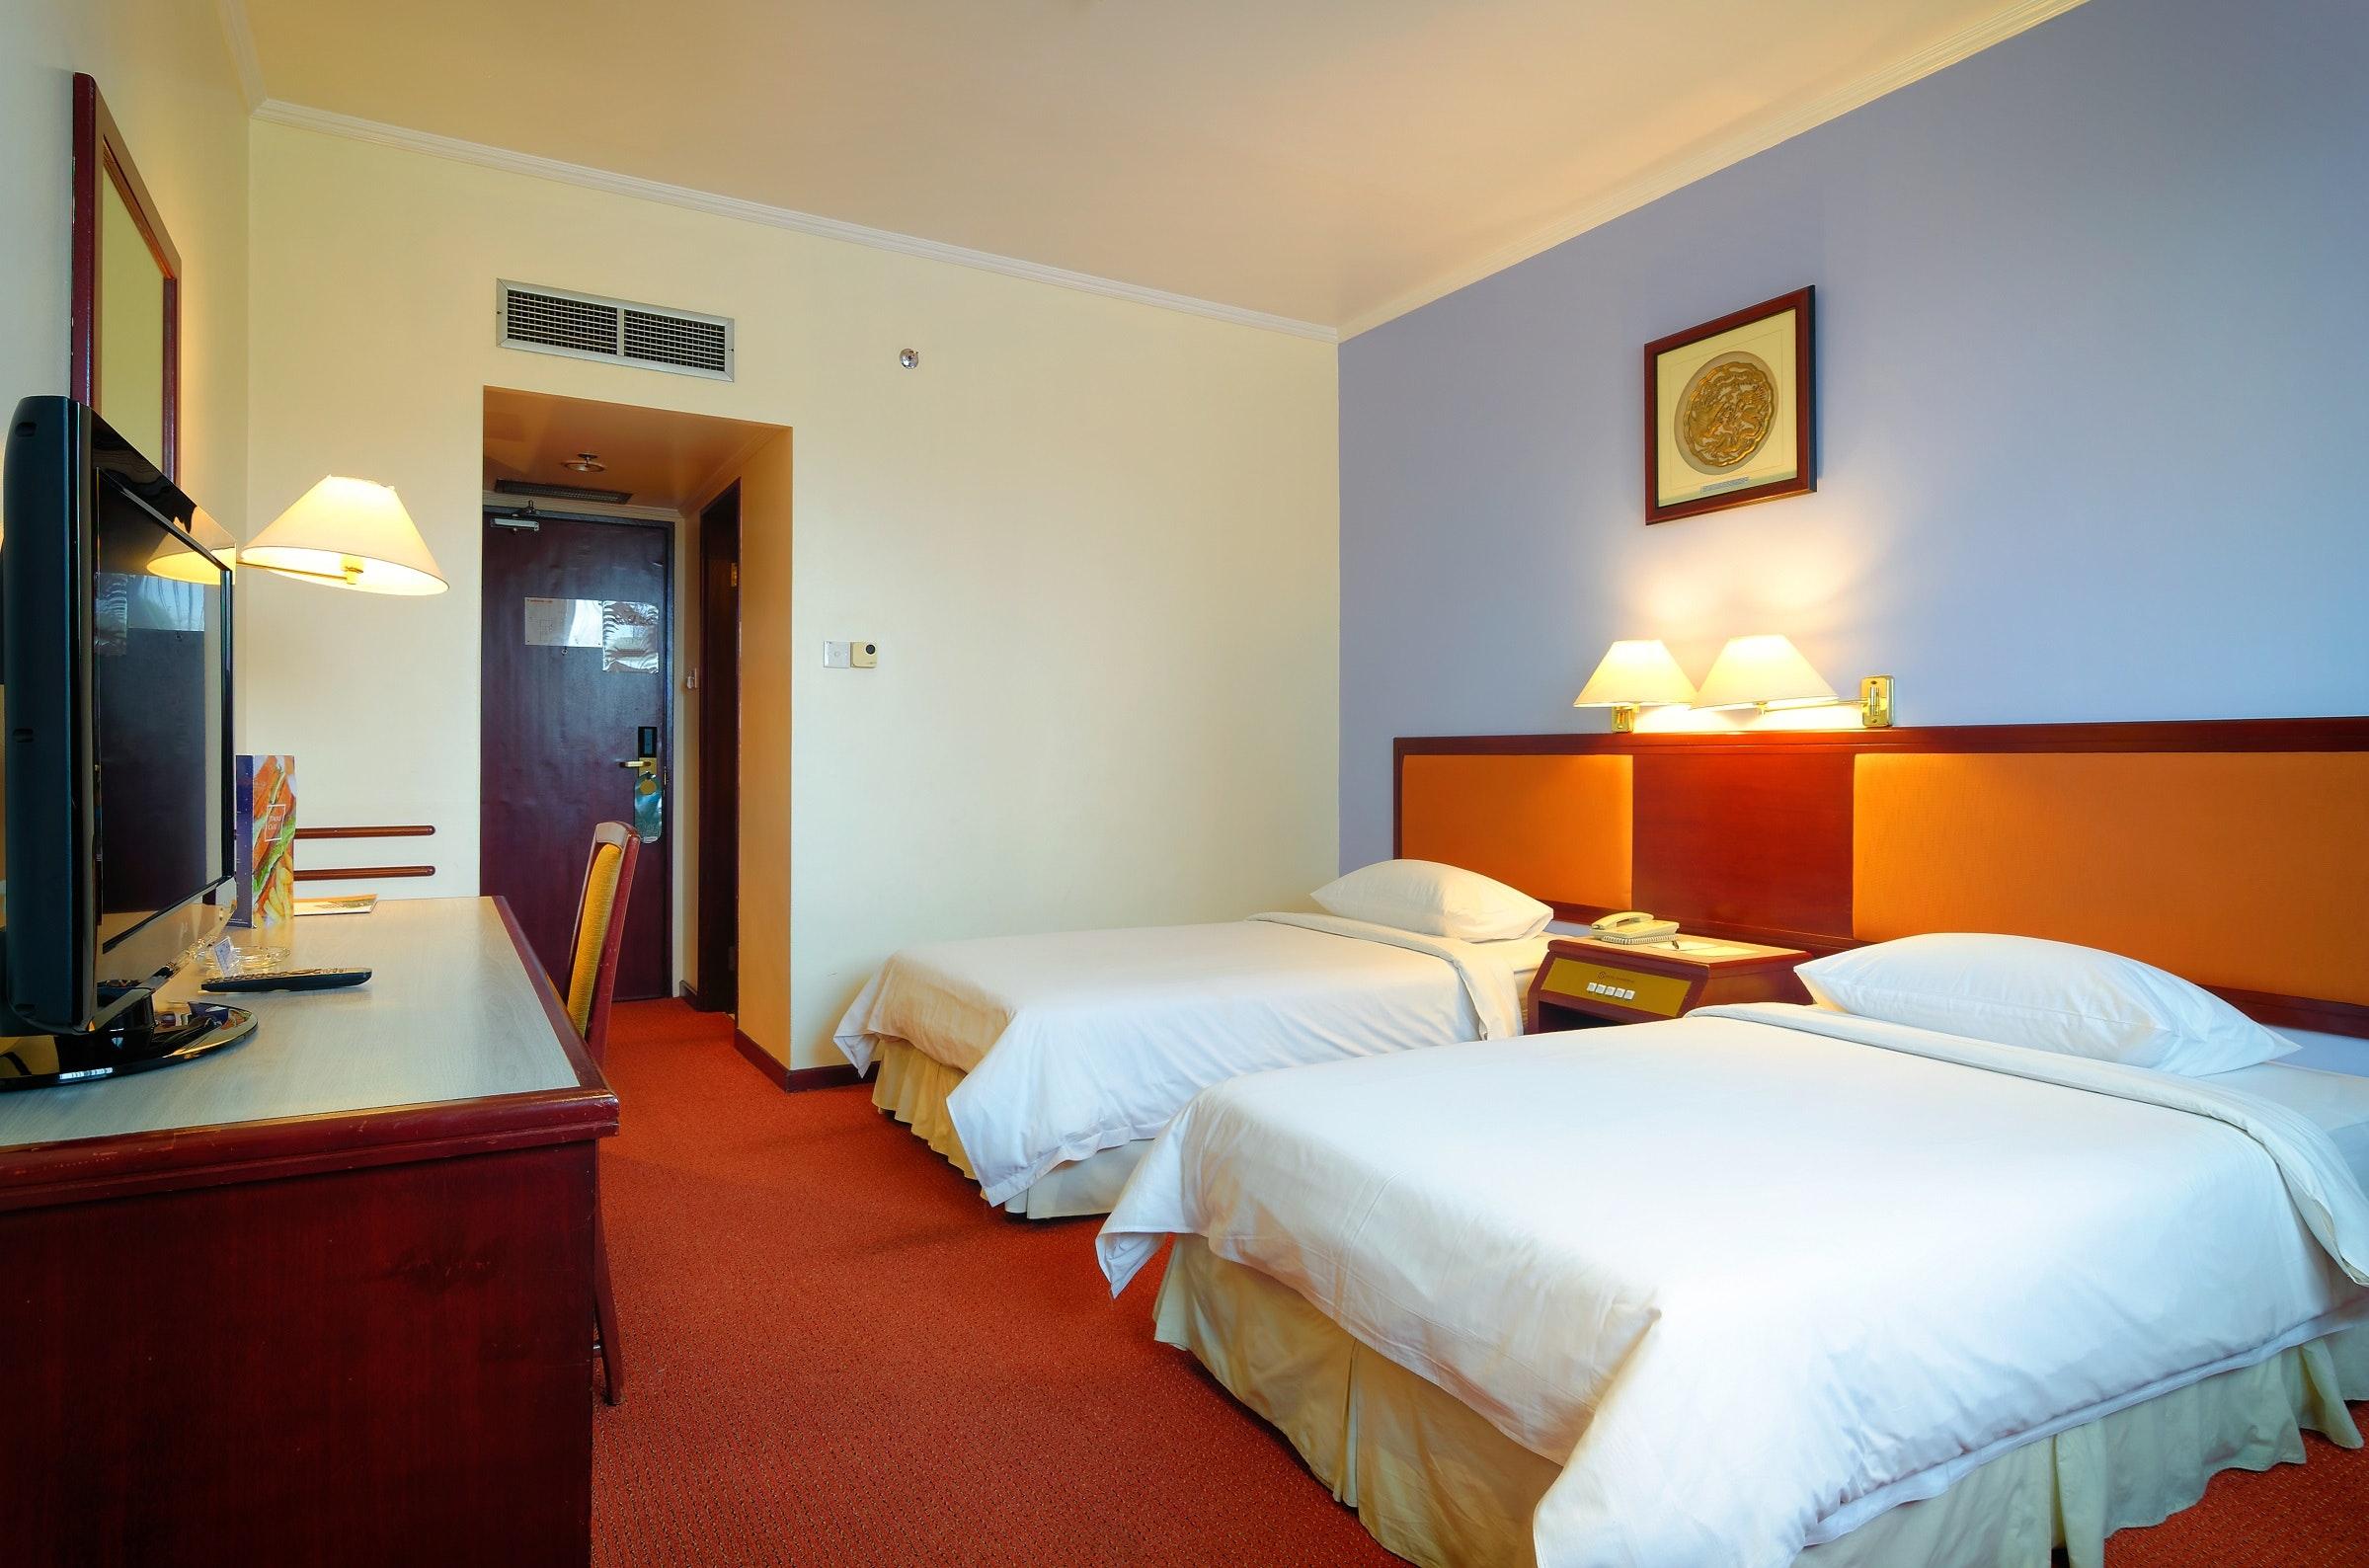 Economy Twin Room Hotel Shangri La Kota Kinabalu